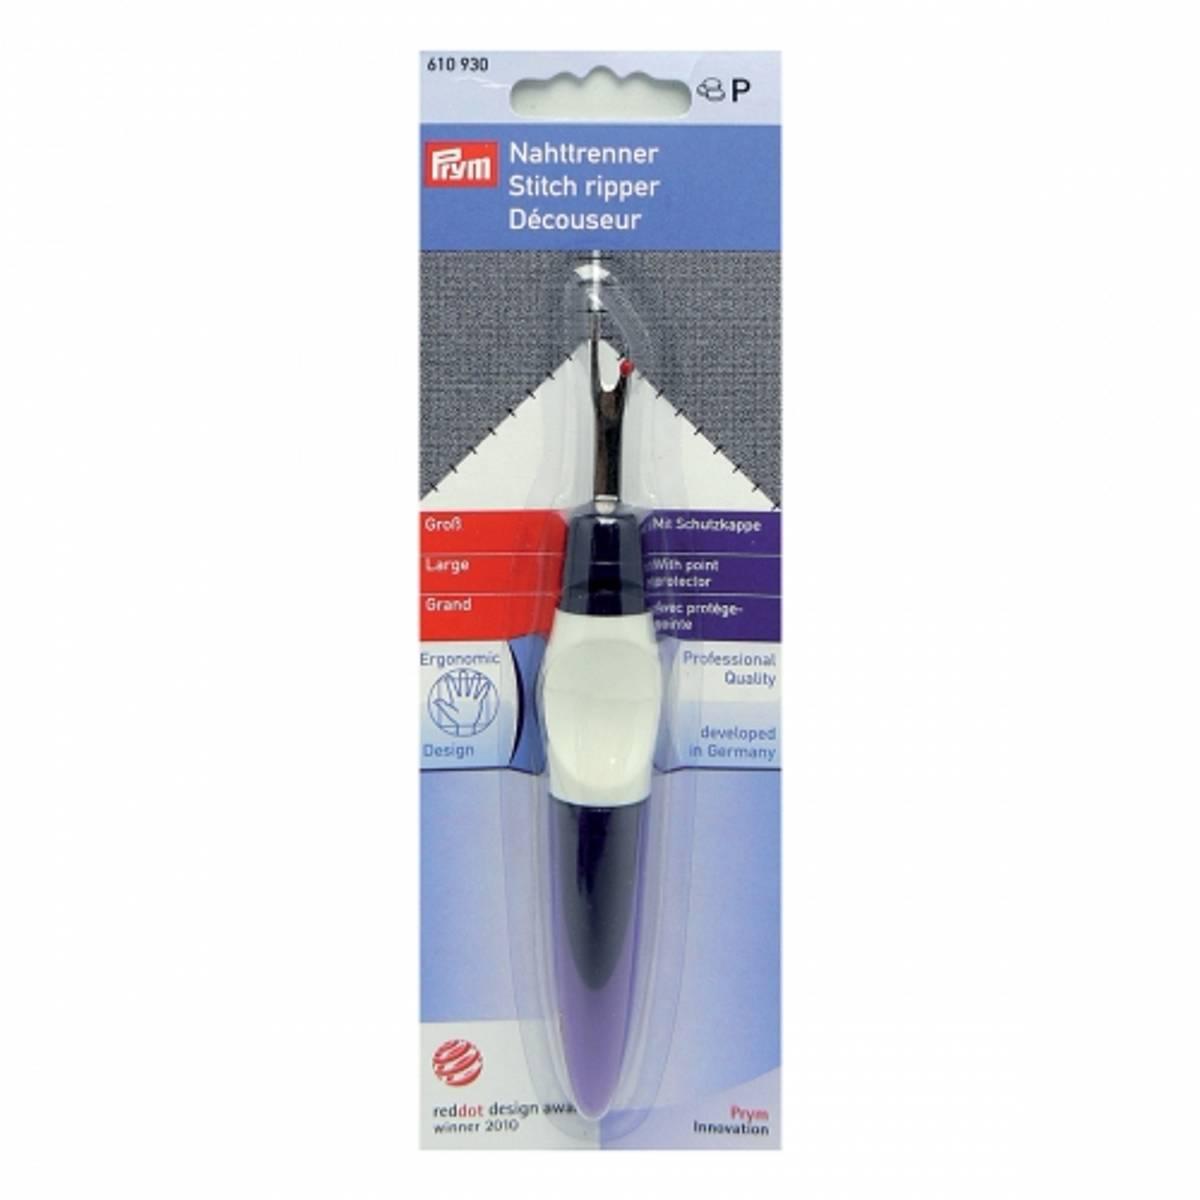 Prym Ergonomic - Sprettekniv Stor 610930